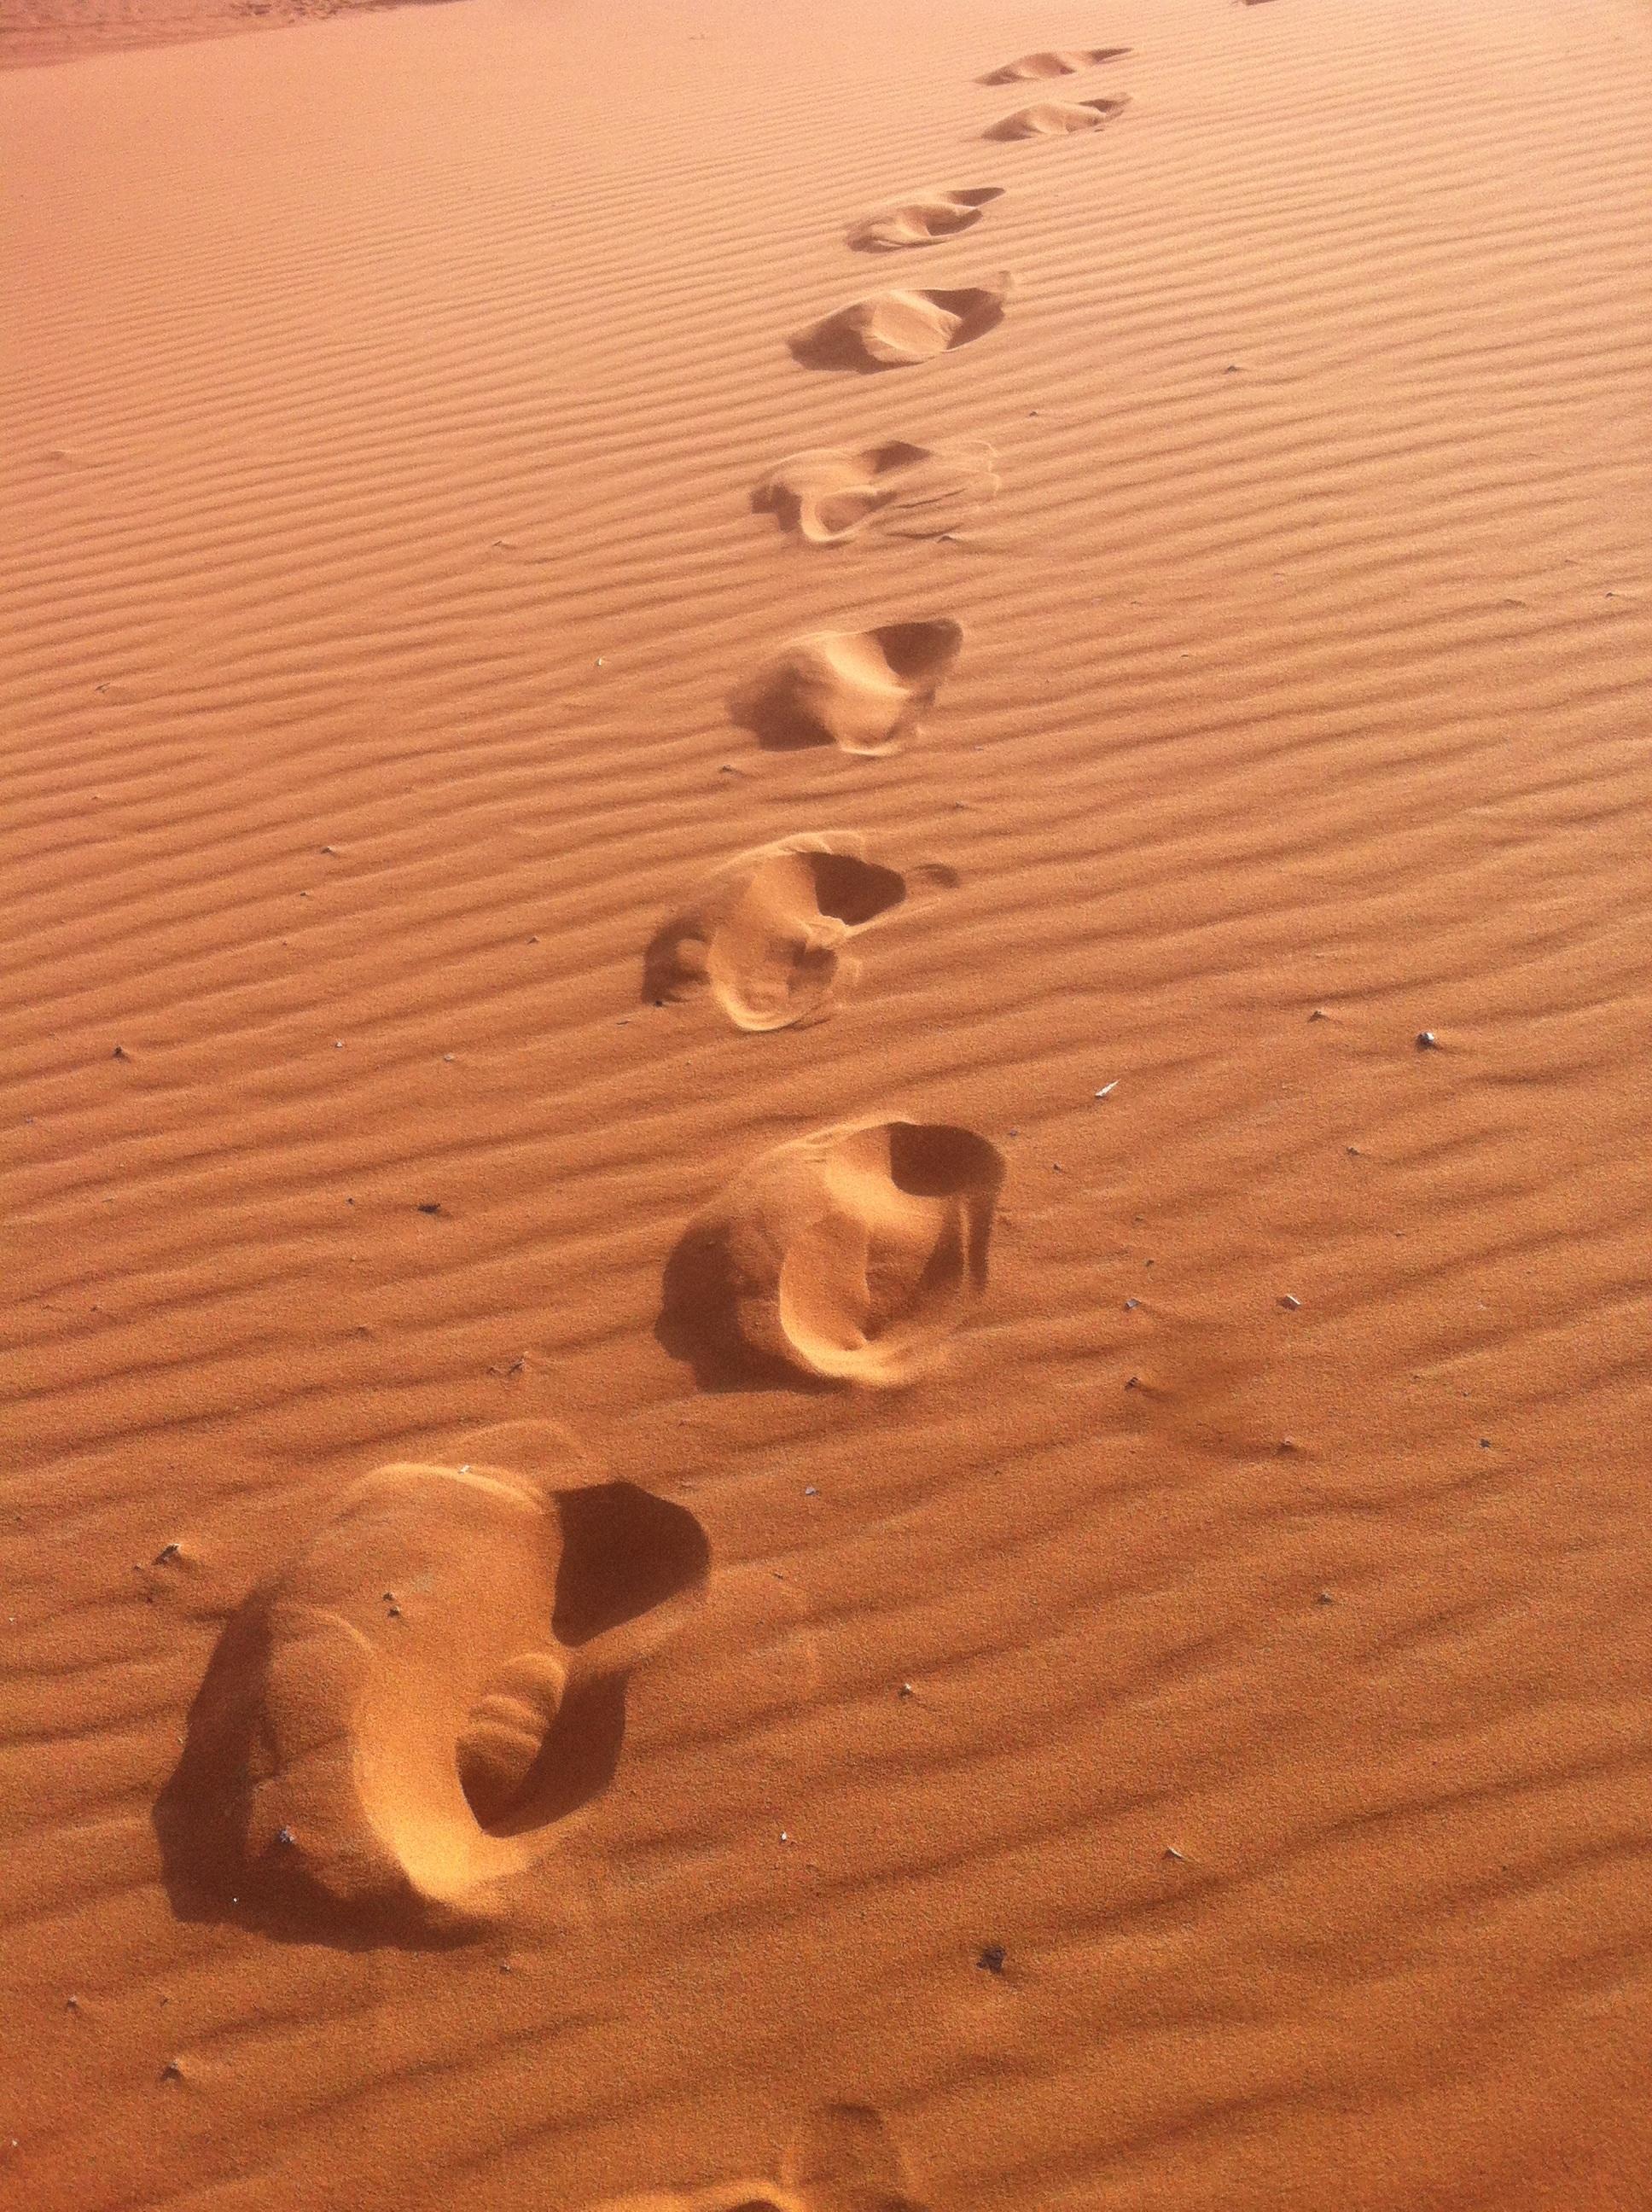 Free Images : landscape, sand, wing, wood, track, desert